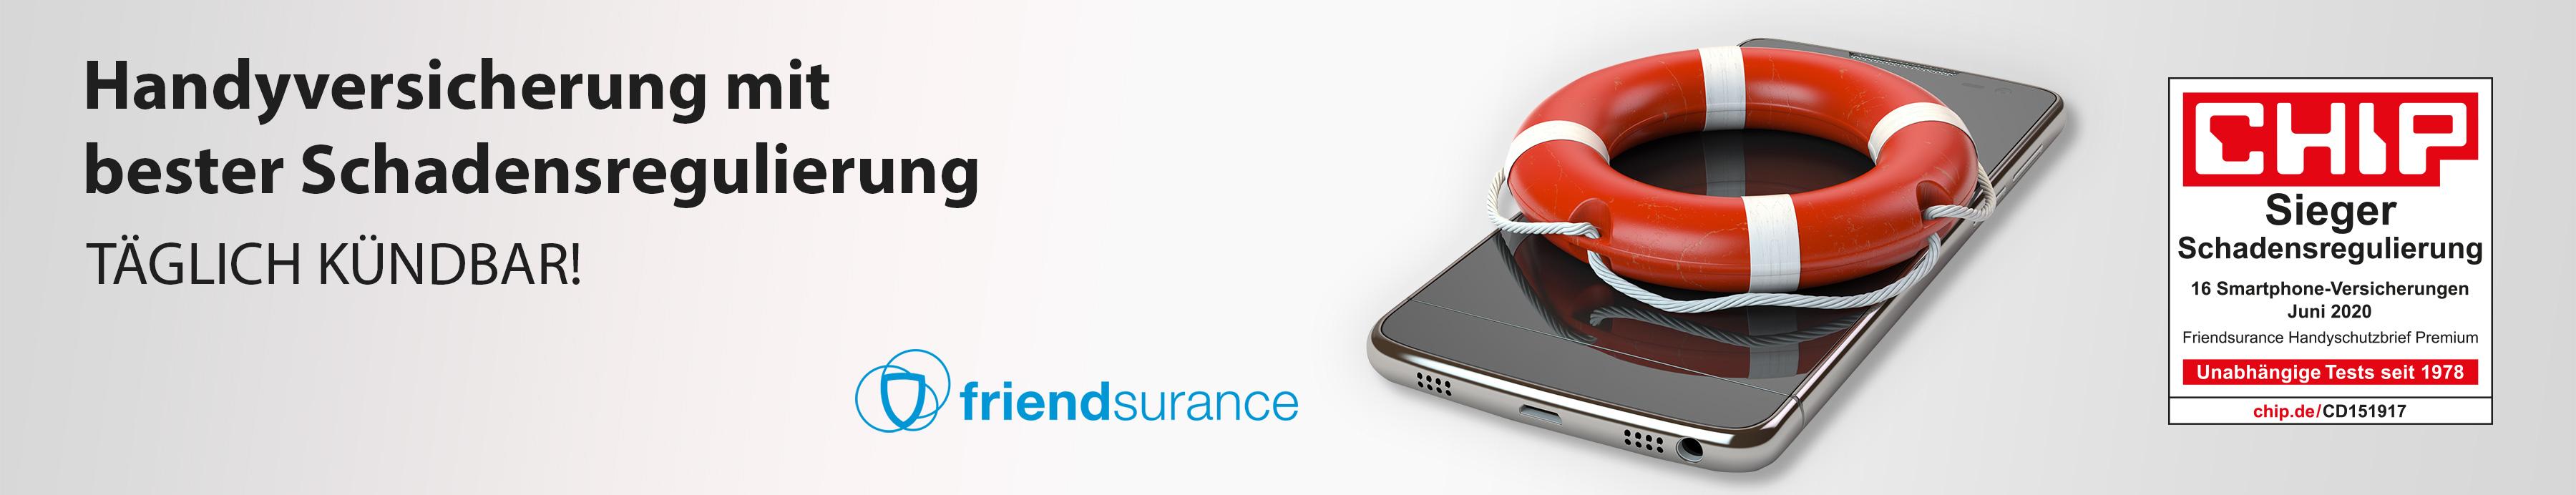 Handyversicherung mit bester Schadensregulierung